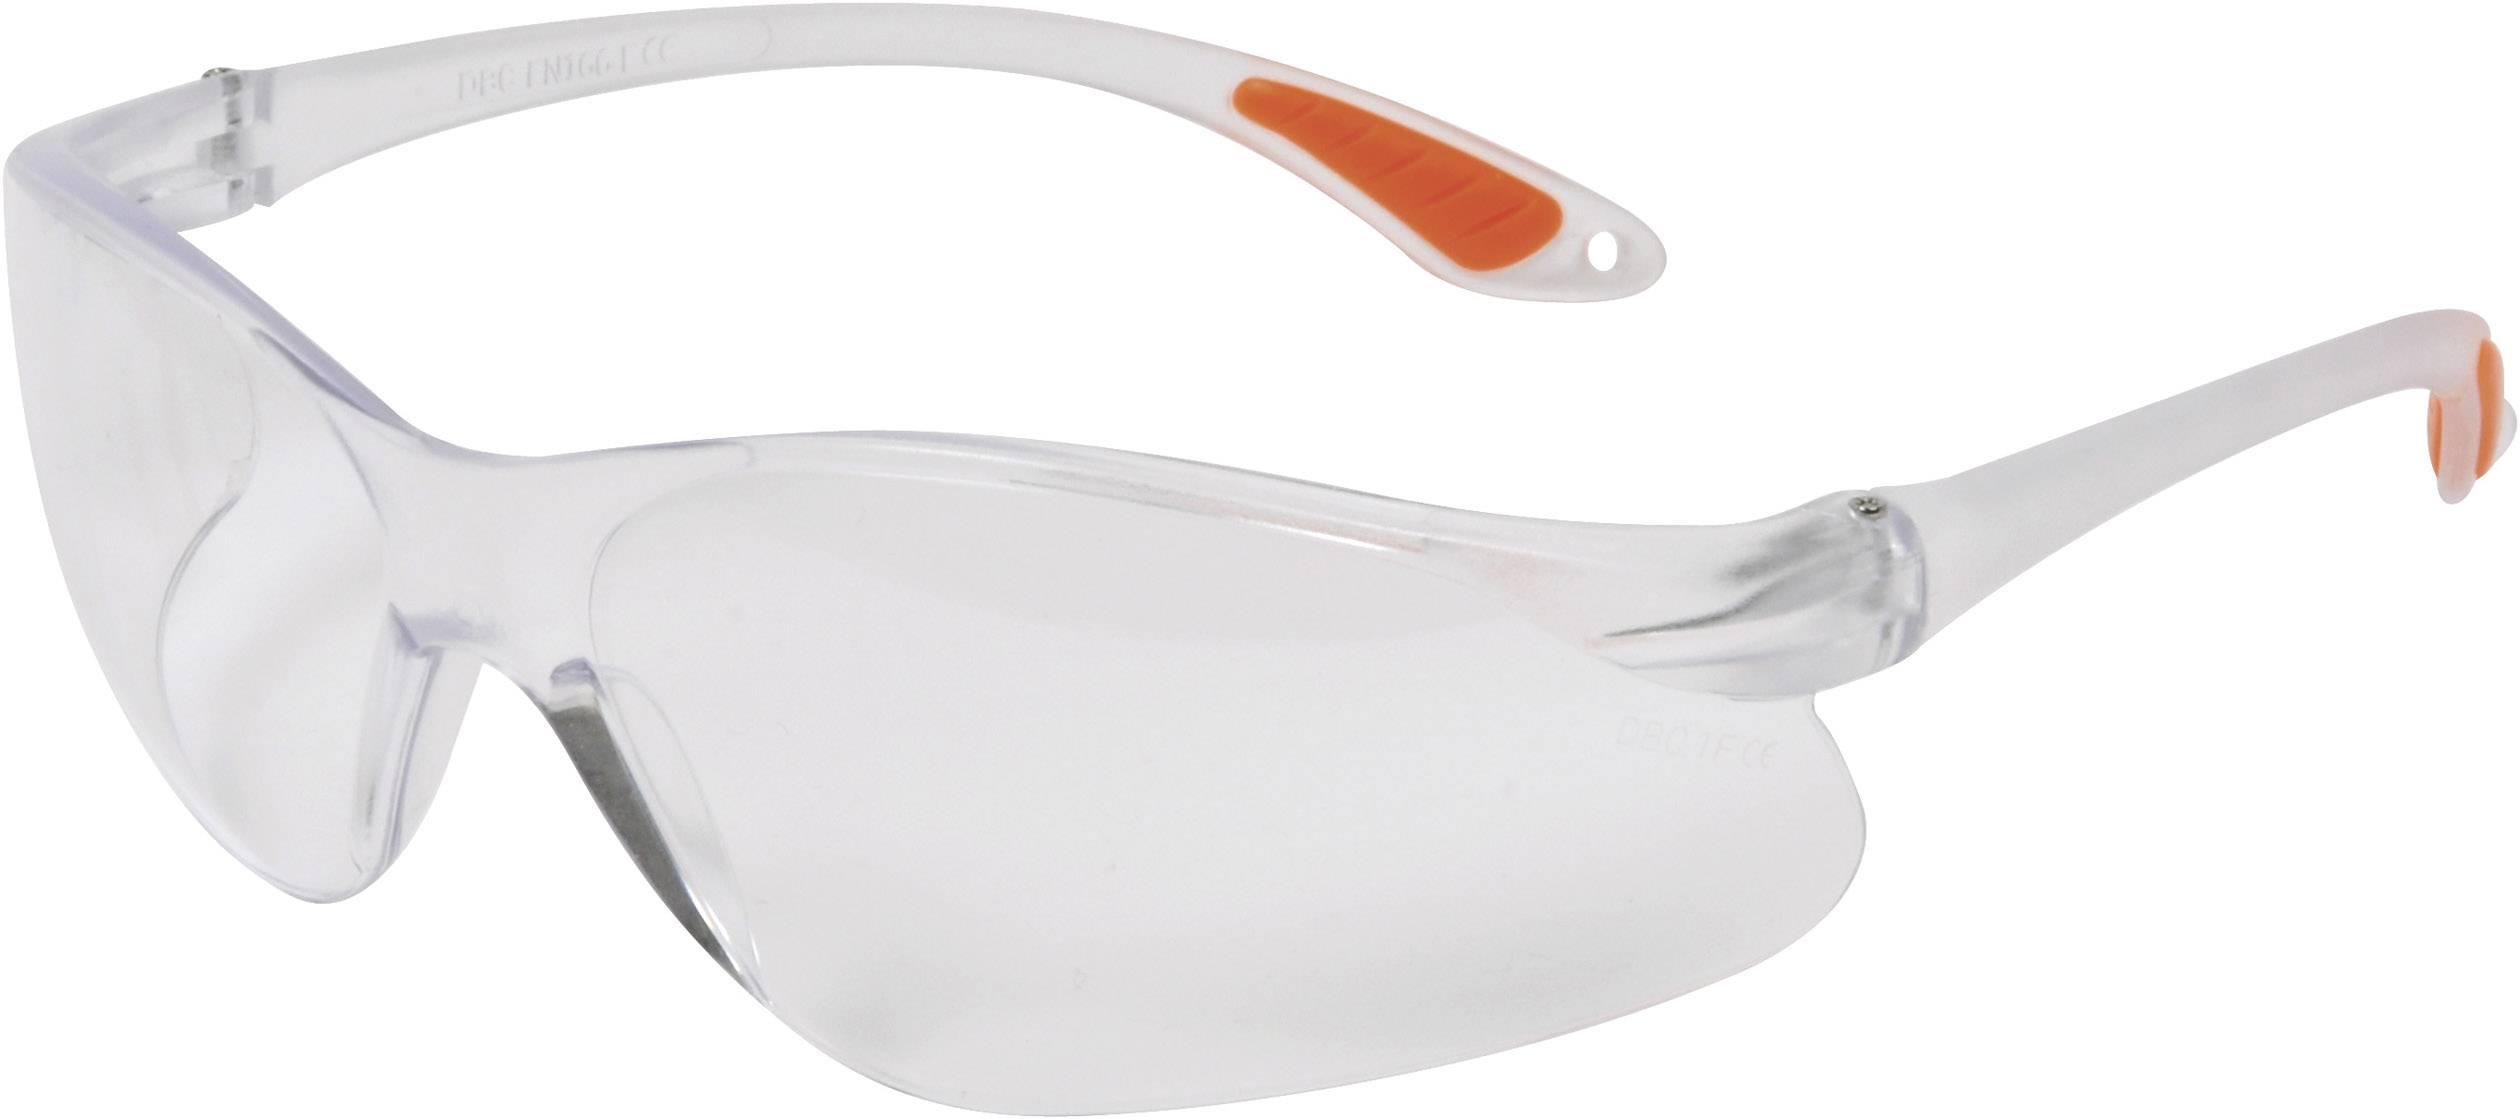 Ochranné brýle AVIT AV13024